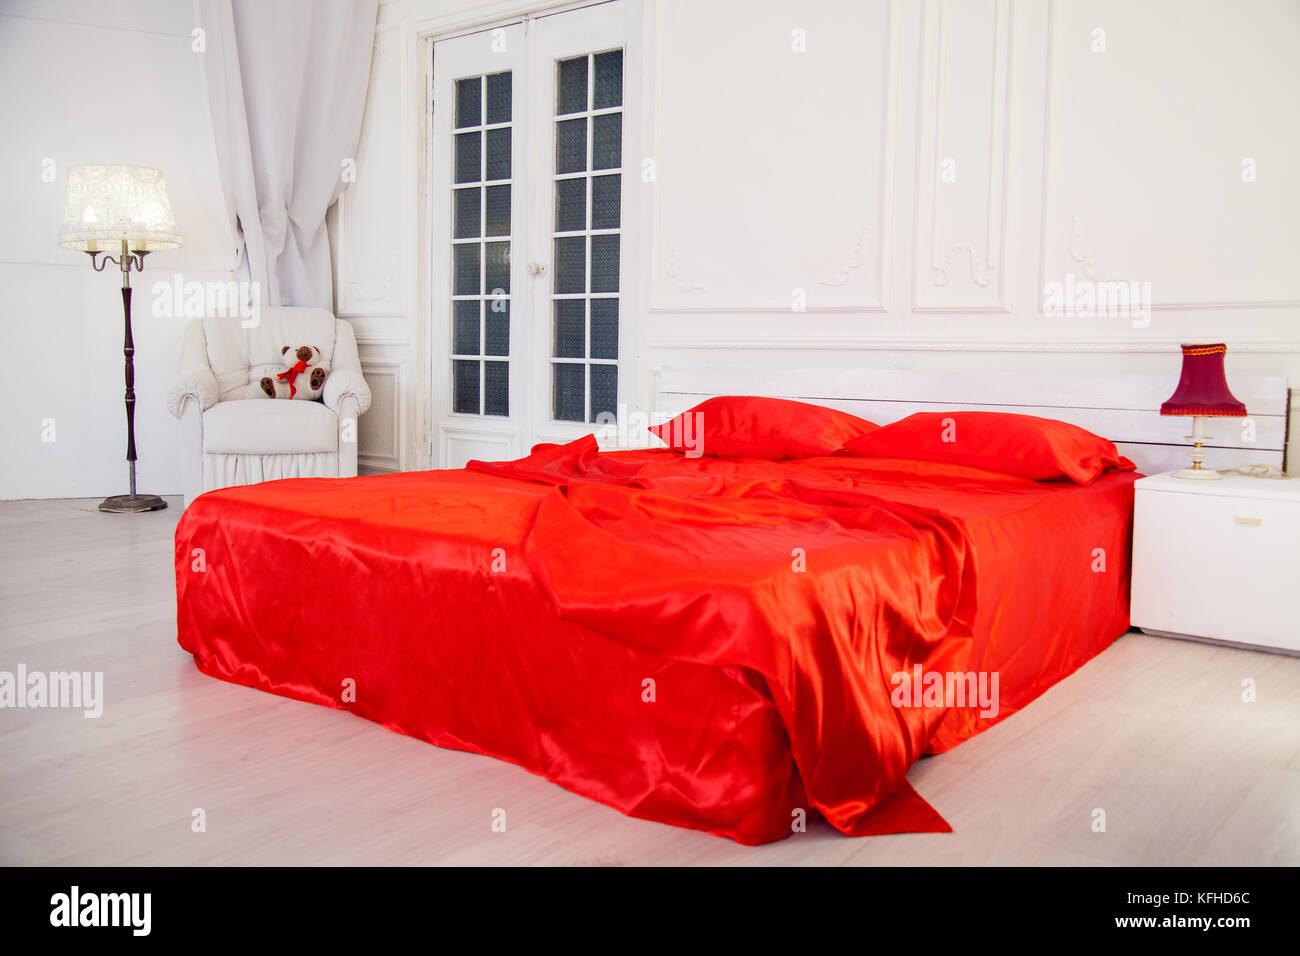 Stanze Da Letto Rosse : Letto con lenzuola rosse in bianco interiore camera da letto foto